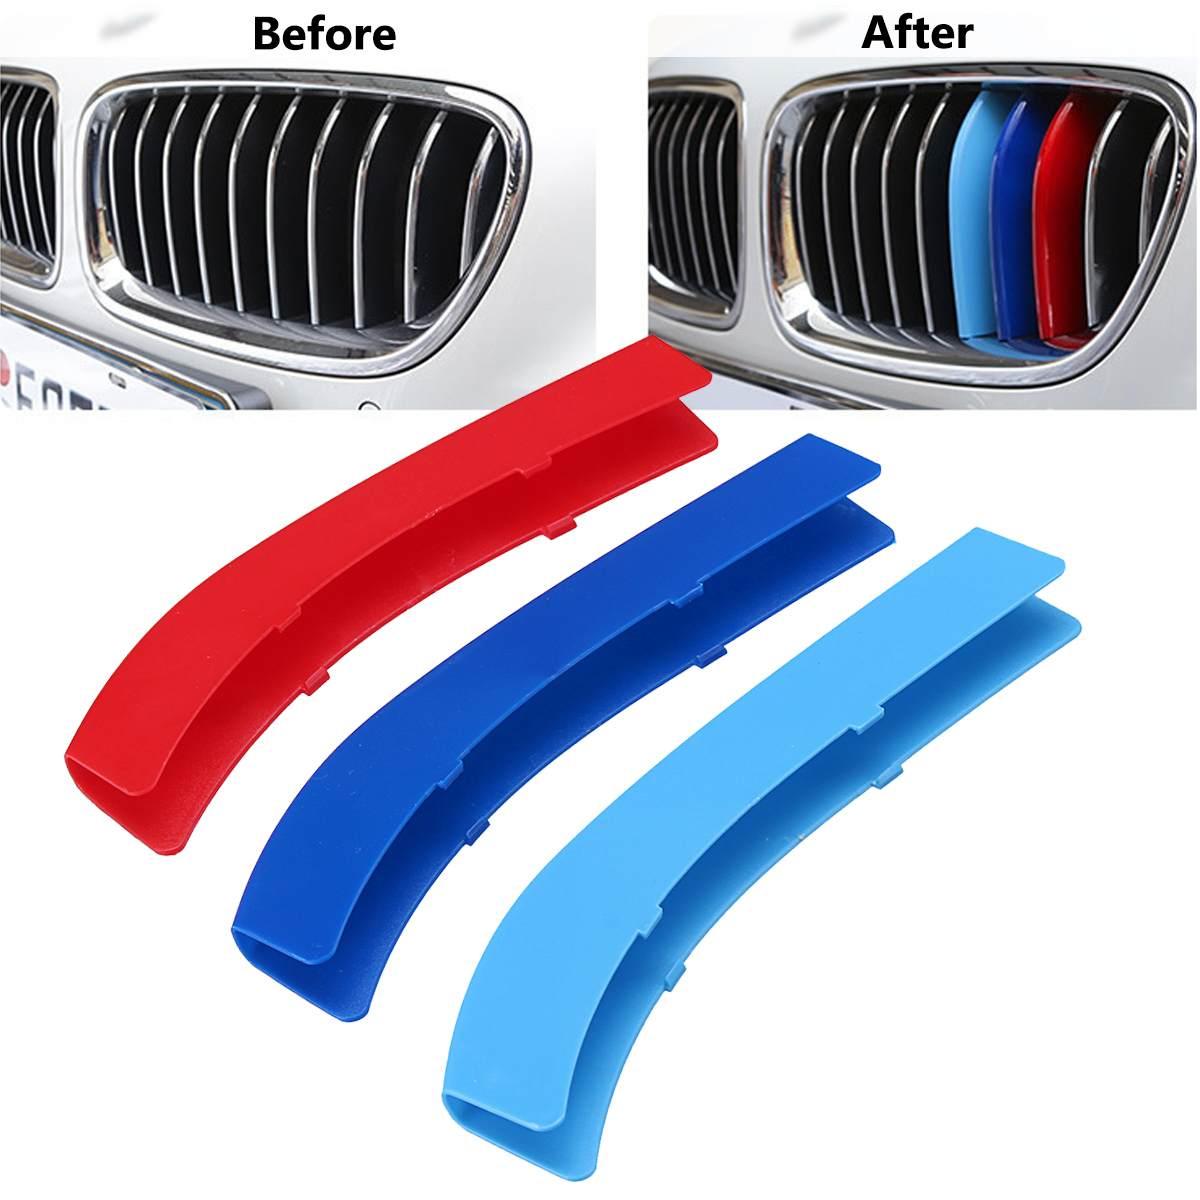 3 قطعة سيارة مصبغة ملصق قطاع غطاء تقليم ل BMW 1 3 5 سلسلة F30 F31 X5 X6 E90 E91 F10 F11 F18 E60 E61 E70 E84 F48 F20 F21